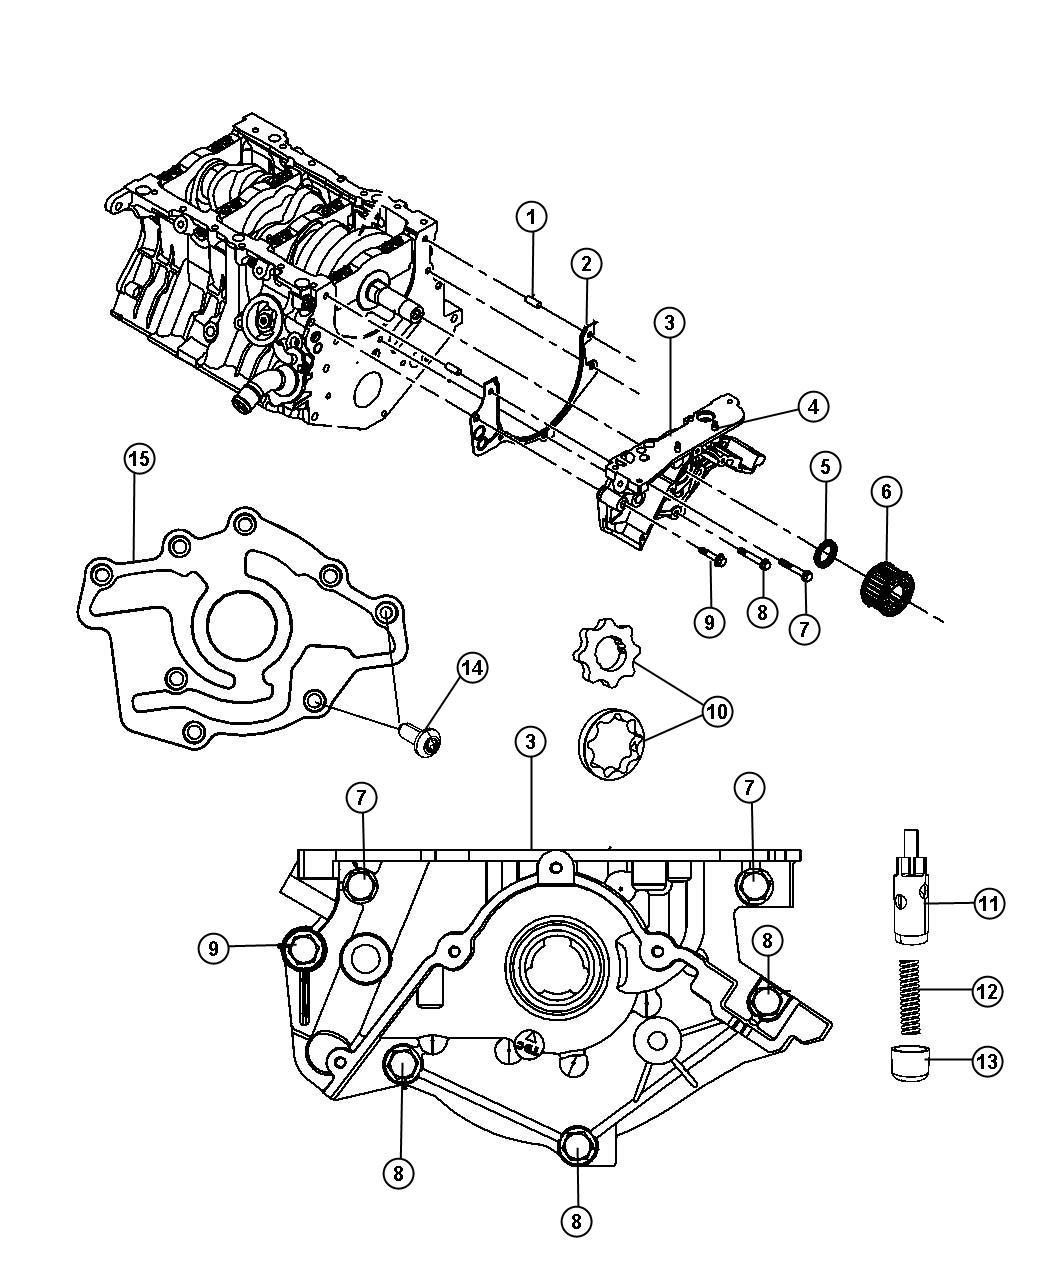 2009 Dodge Journey Engine Oiling Pump 3.5L [EGF]